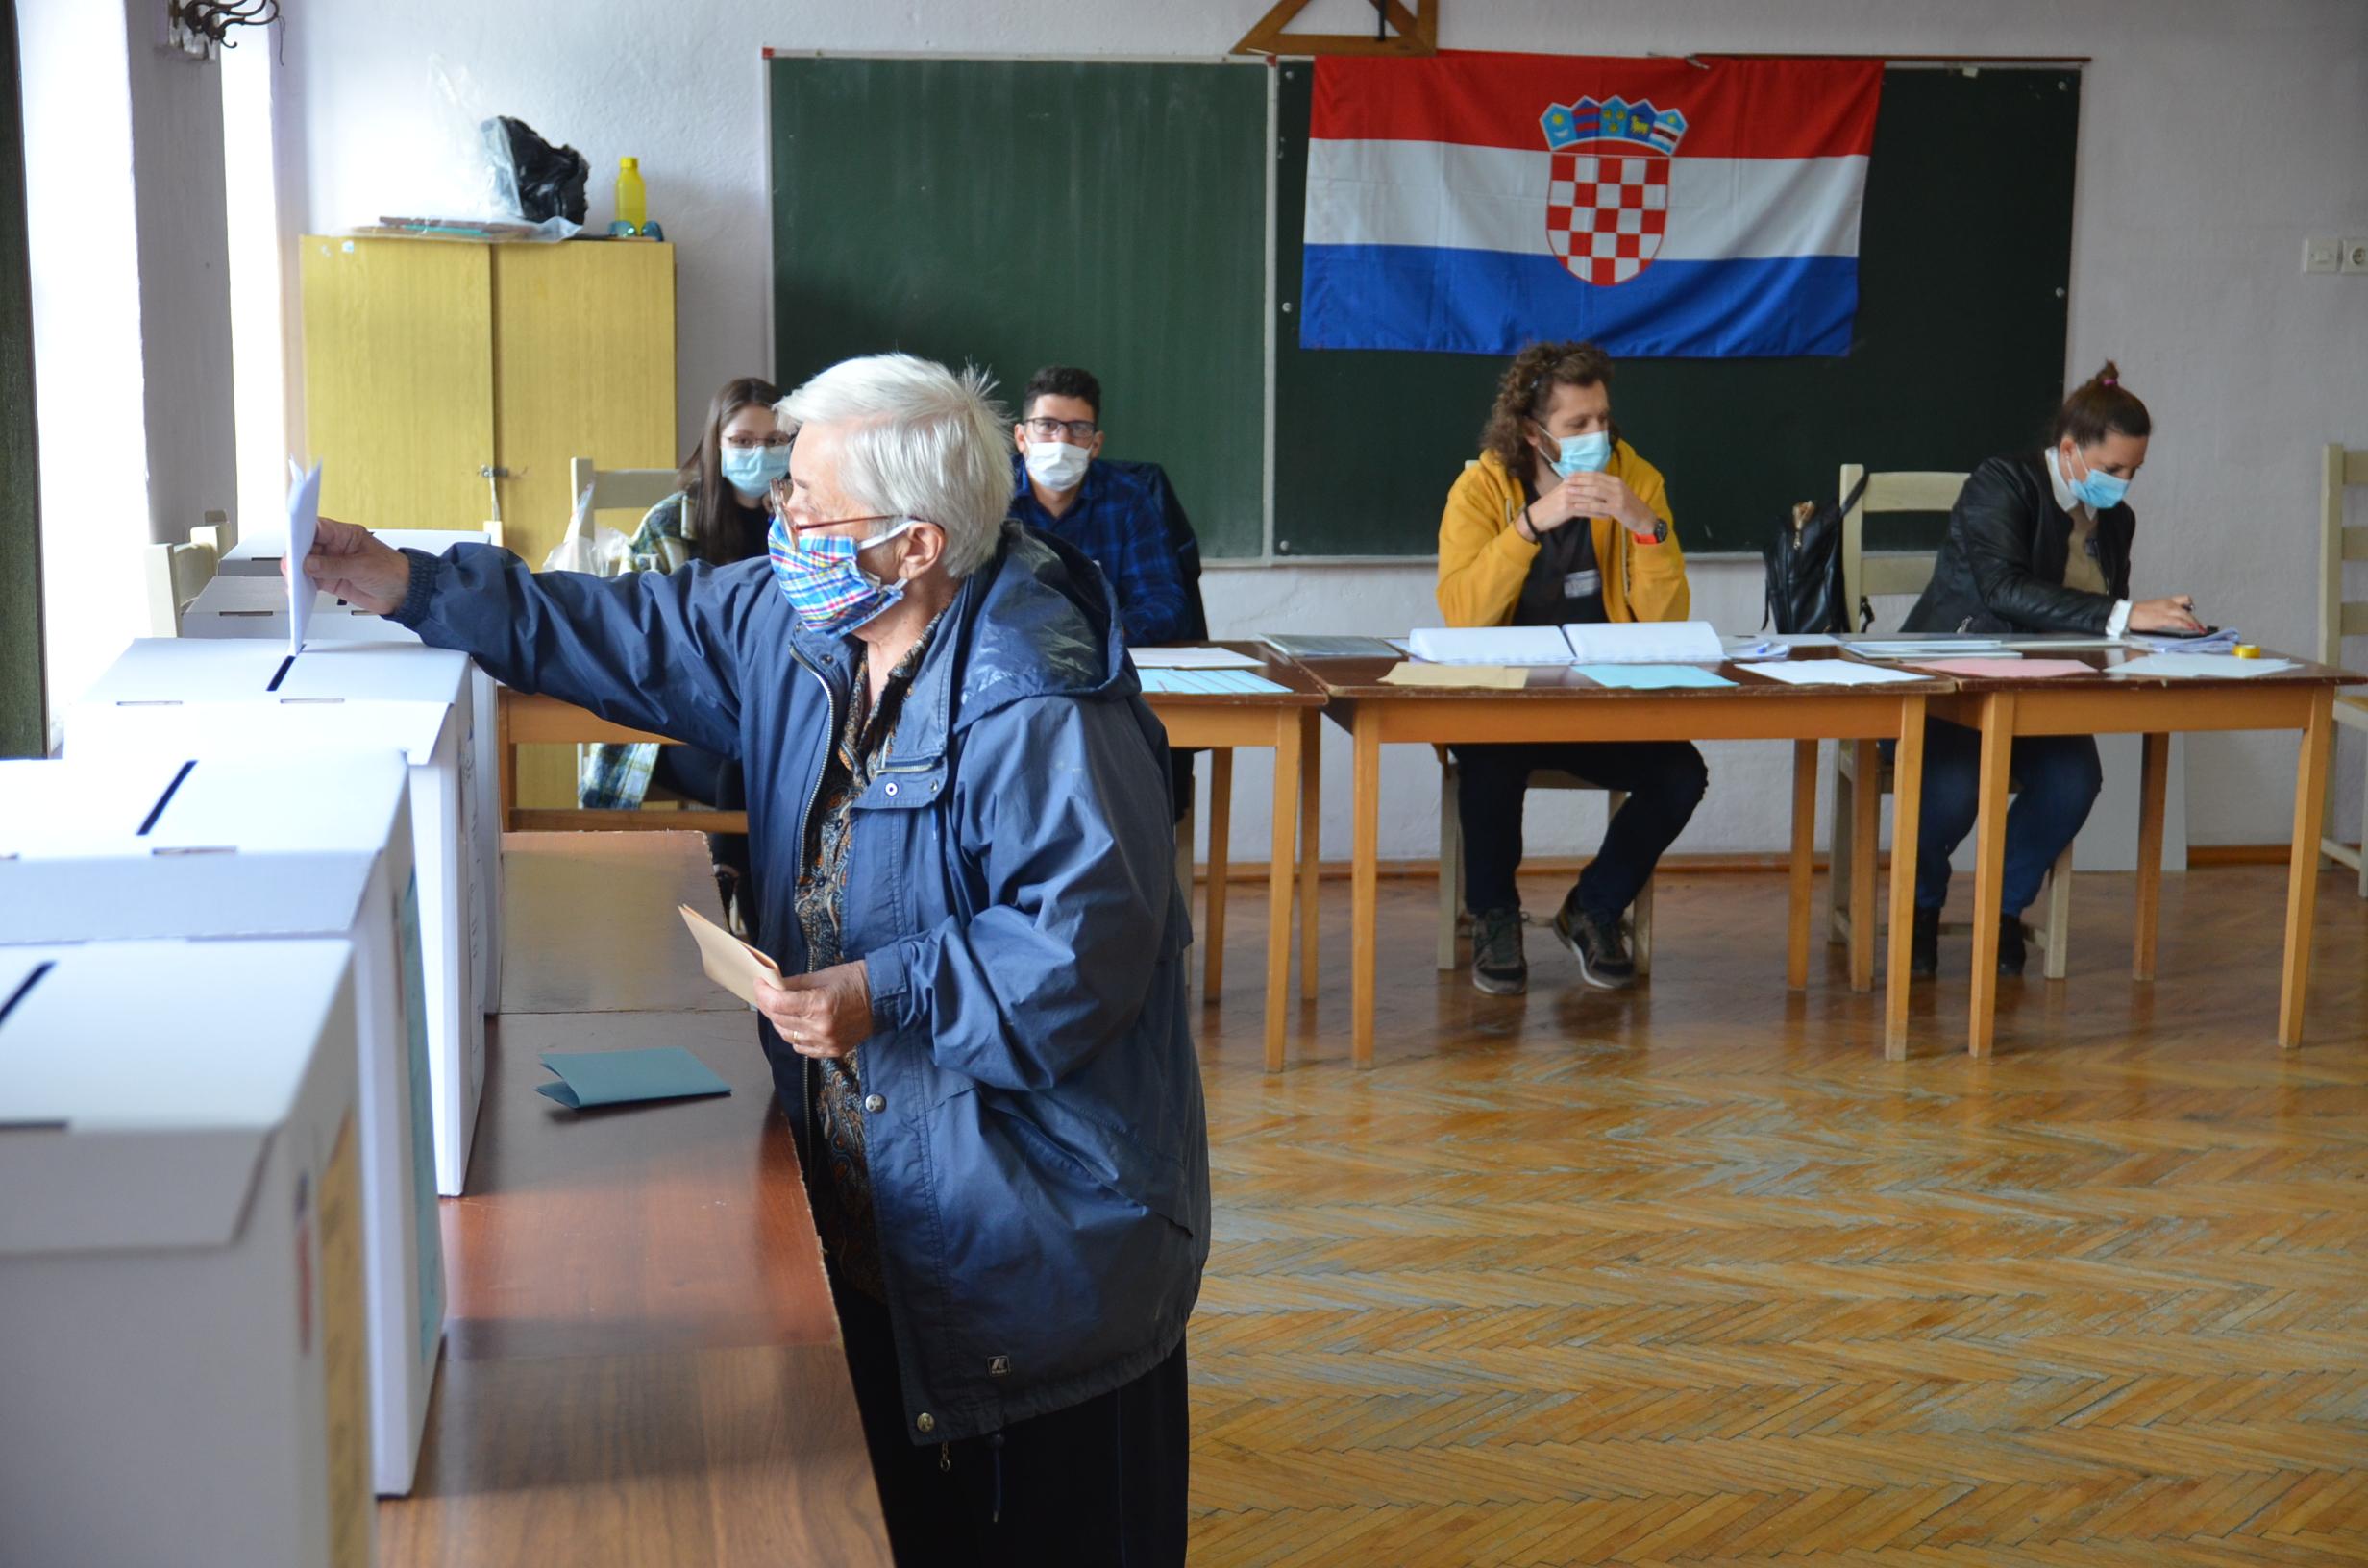 Gorani rekli svoje, drugi krug slijedi samo u Čabru, Delnicama i Vrbovskom / Foto M. KRMPOTIĆ